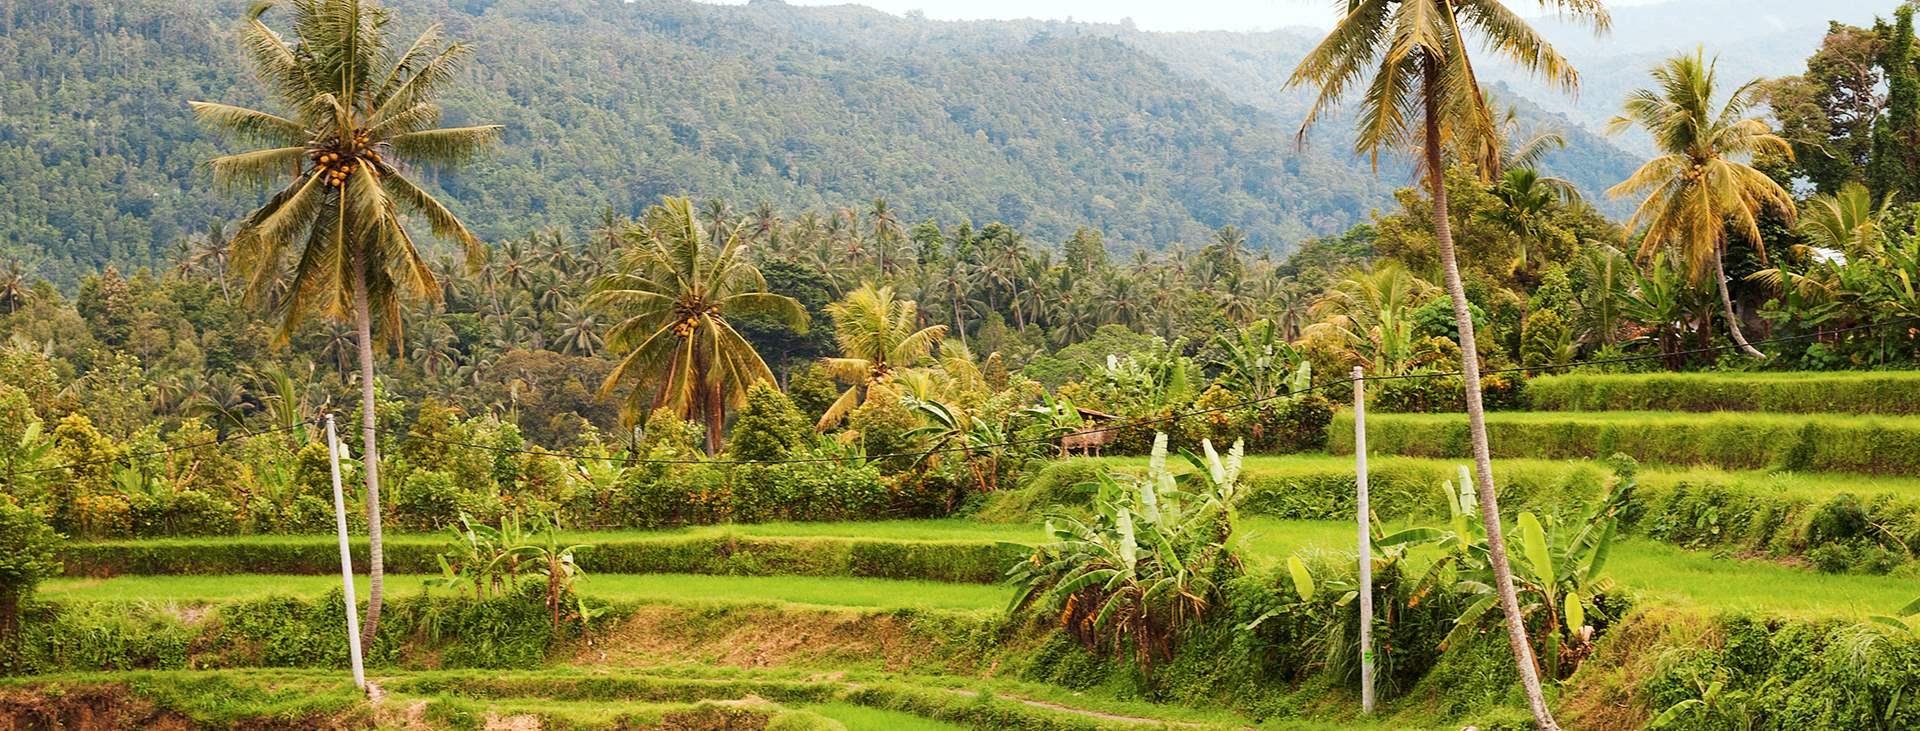 Varaa Tjäreborgin matka Balille, Indonesiaan